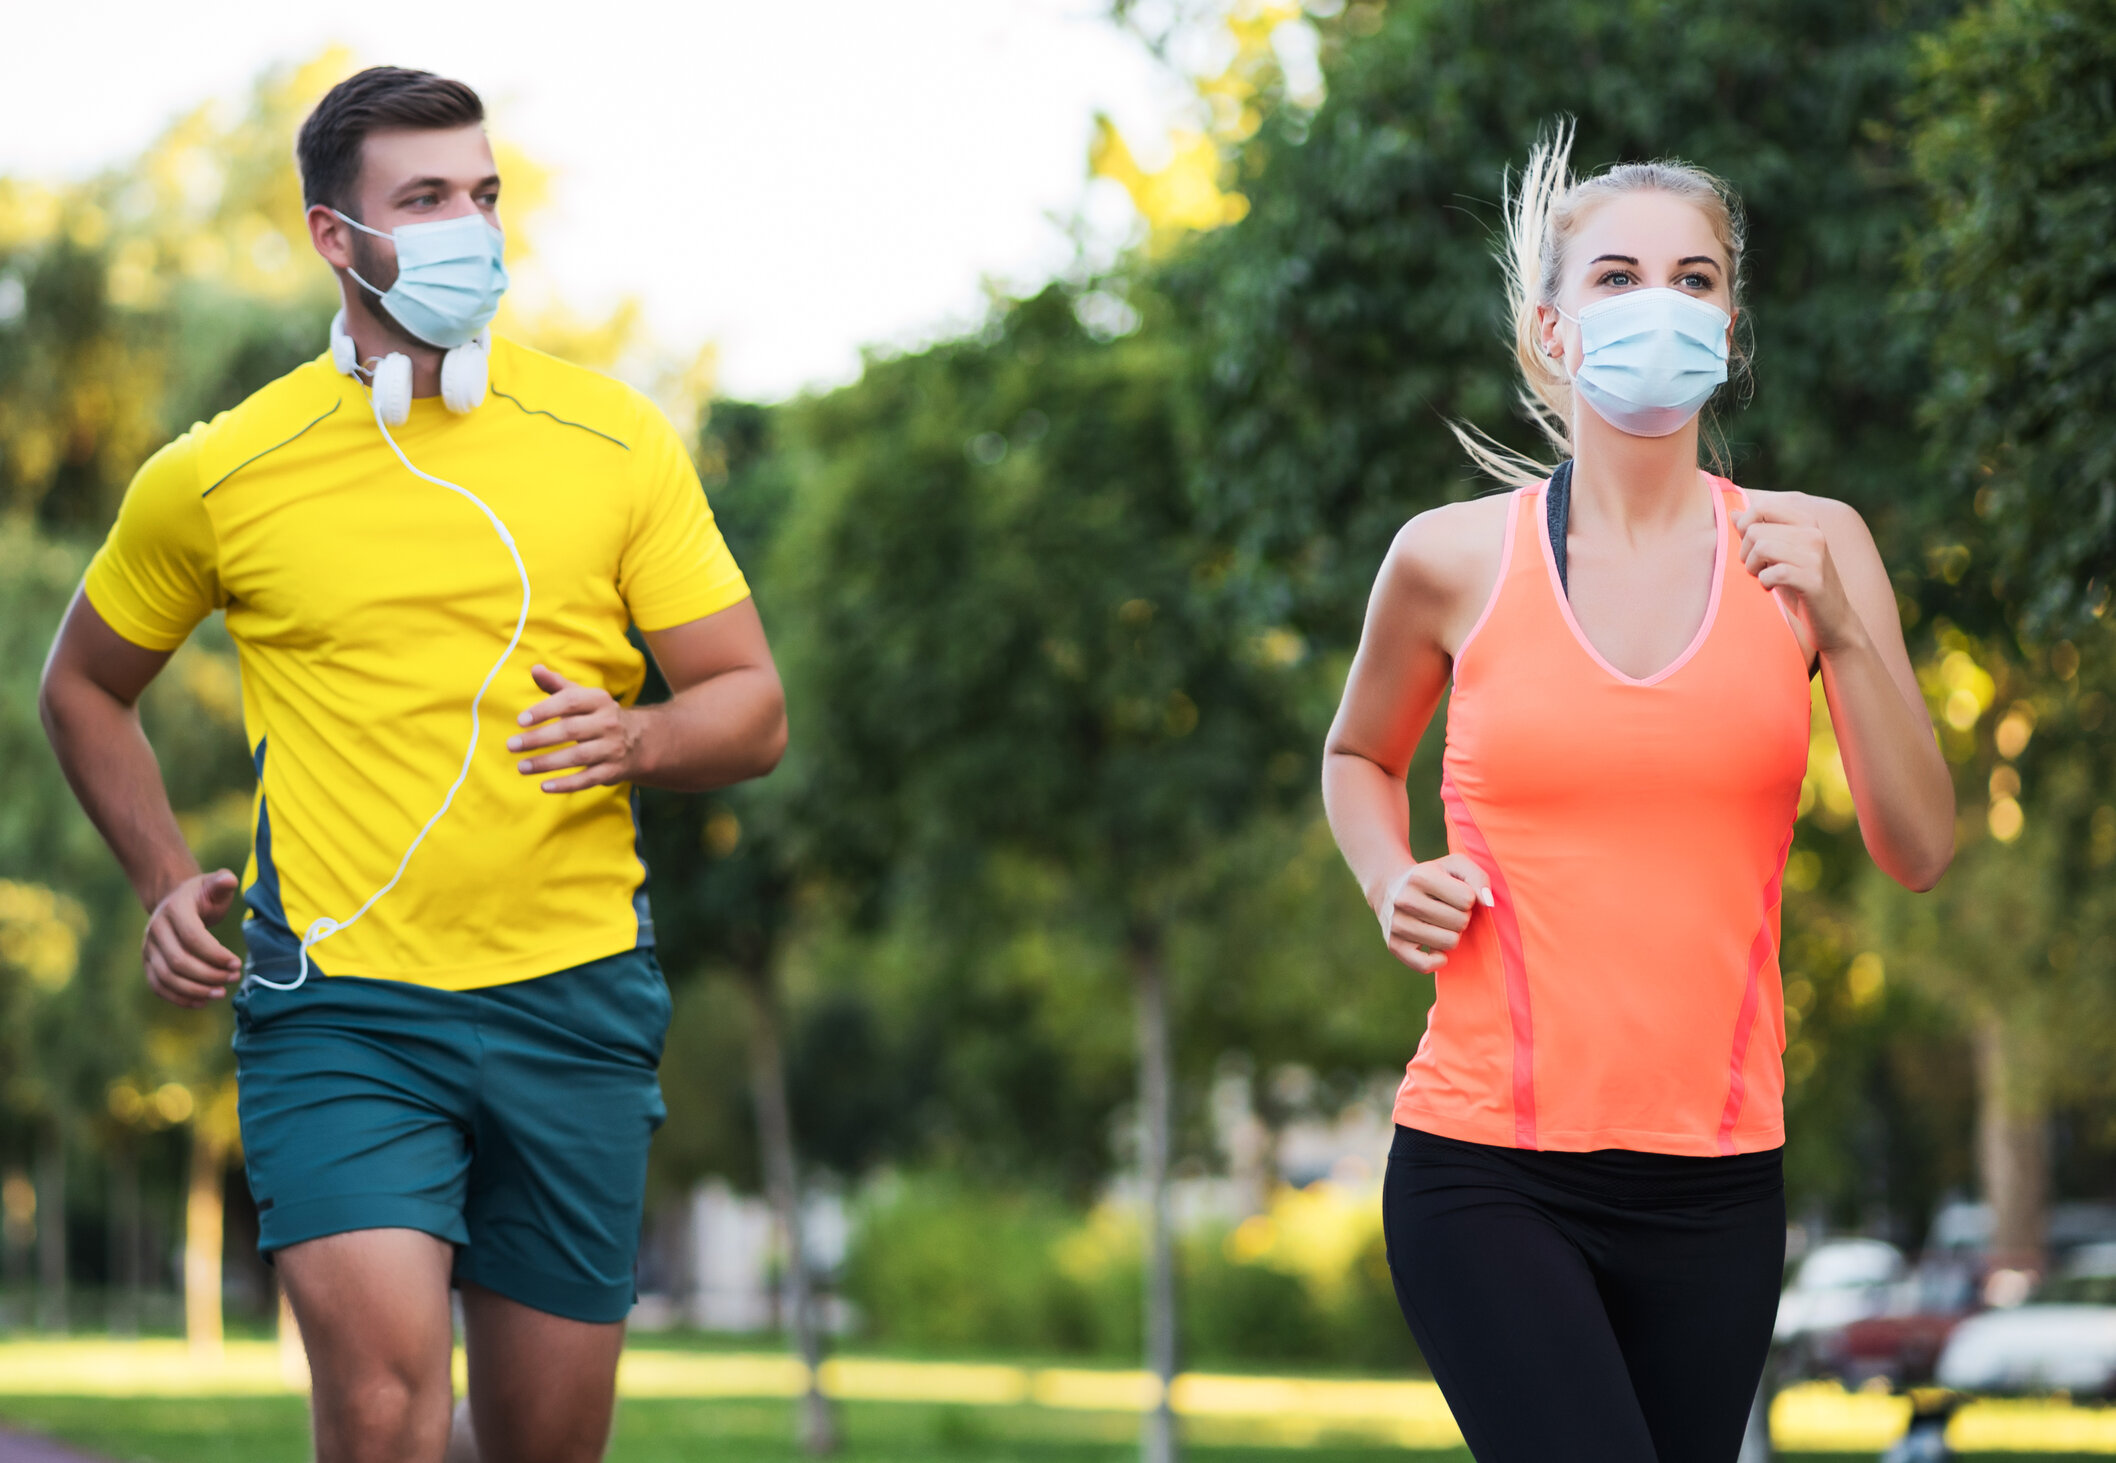 """Masca, recomandată în timpul activităților sportive. """"Ritmul respirator crește și răspândirea virusului este accelerată"""""""